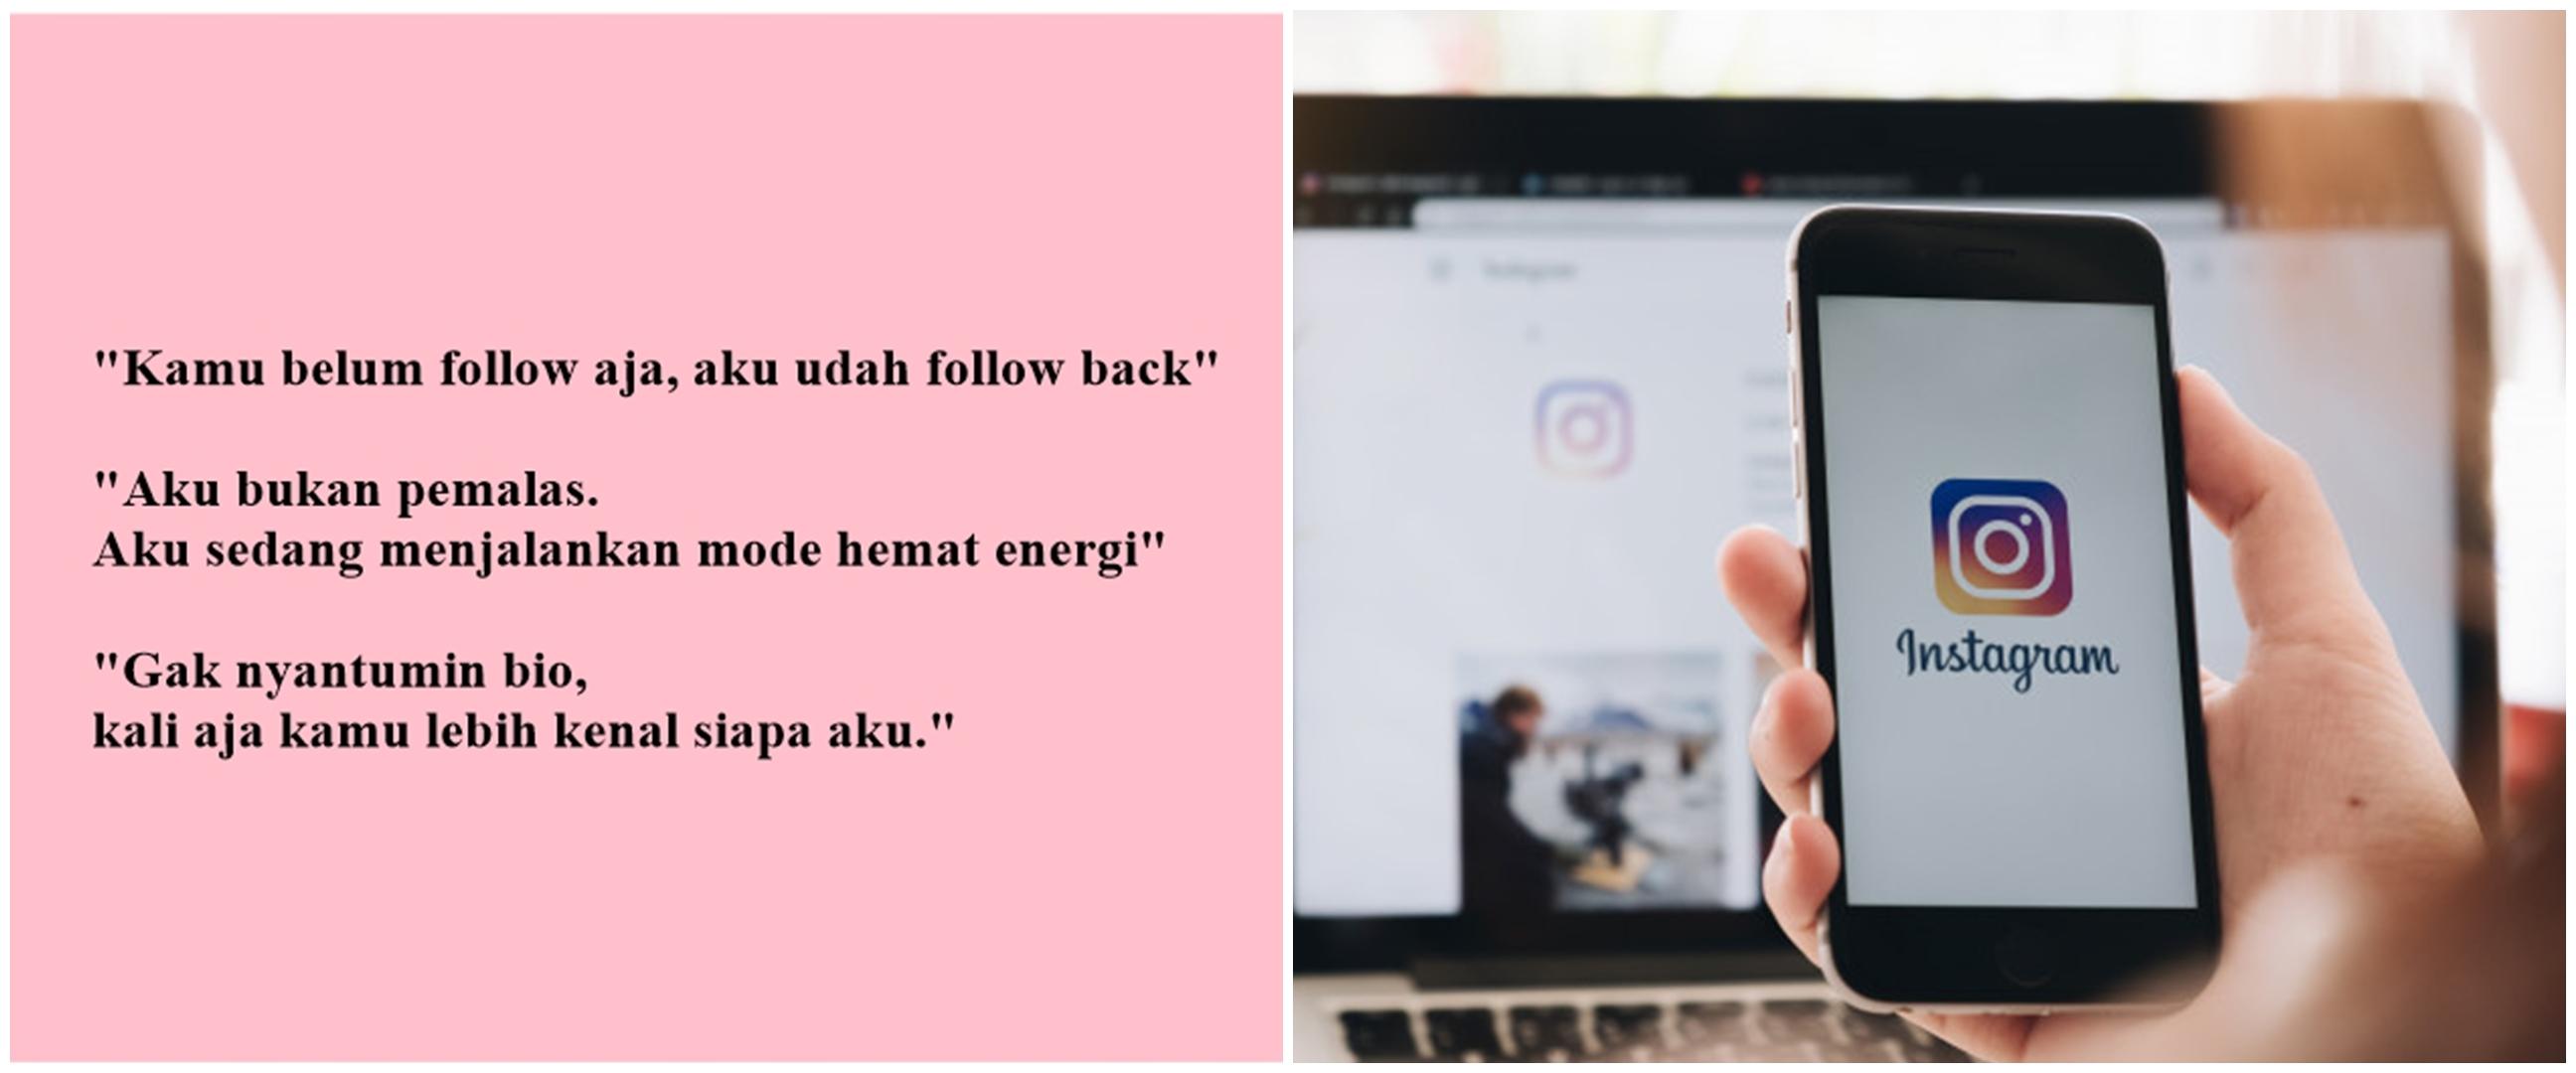 50 Bio Instagram lucu yang singkat, kekinian, dan menghibur followers